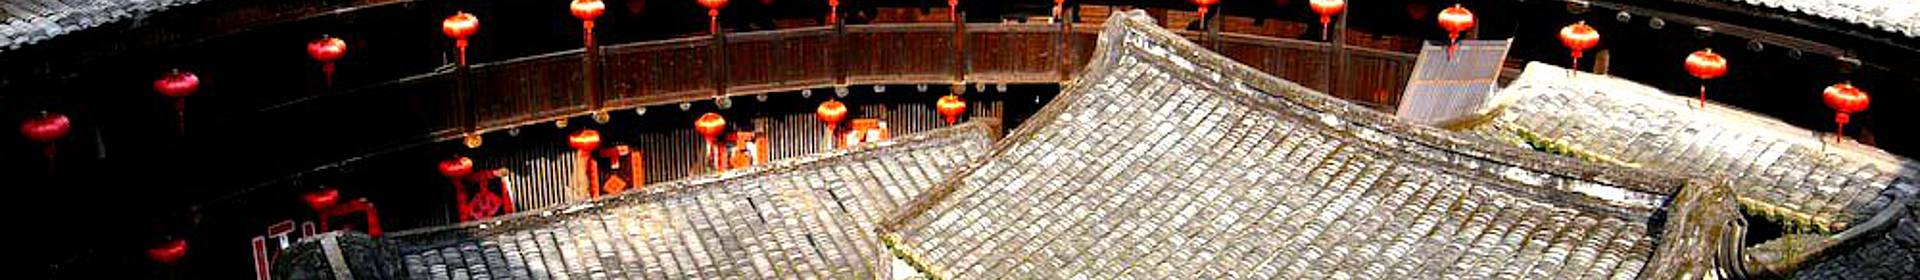 Yongding